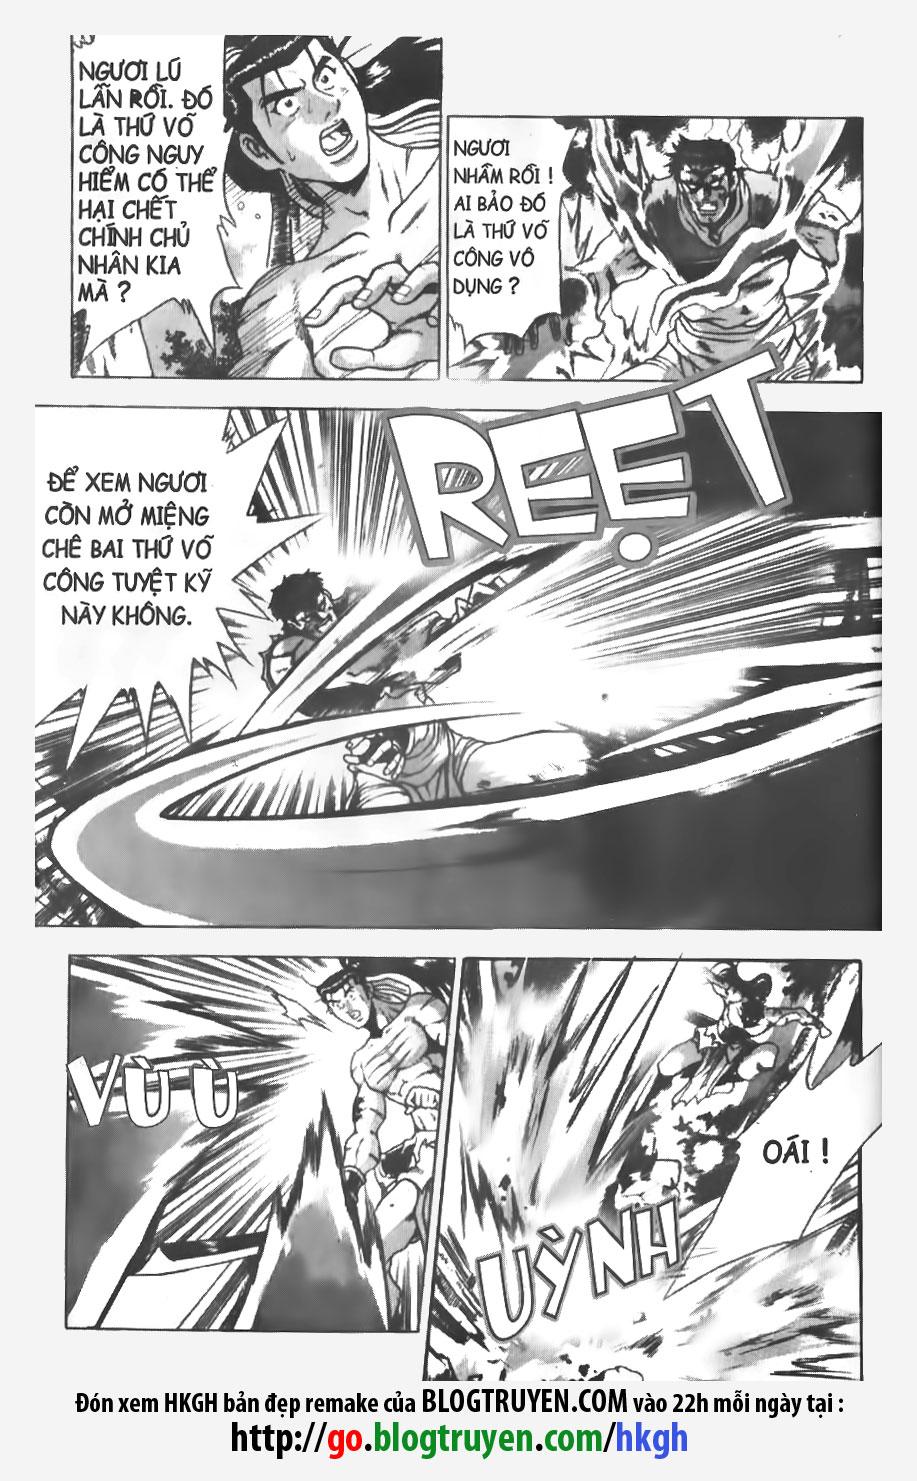 xem truyen moi - Hiệp Khách Giang Hồ Vol22 - Chap 151 - Remake